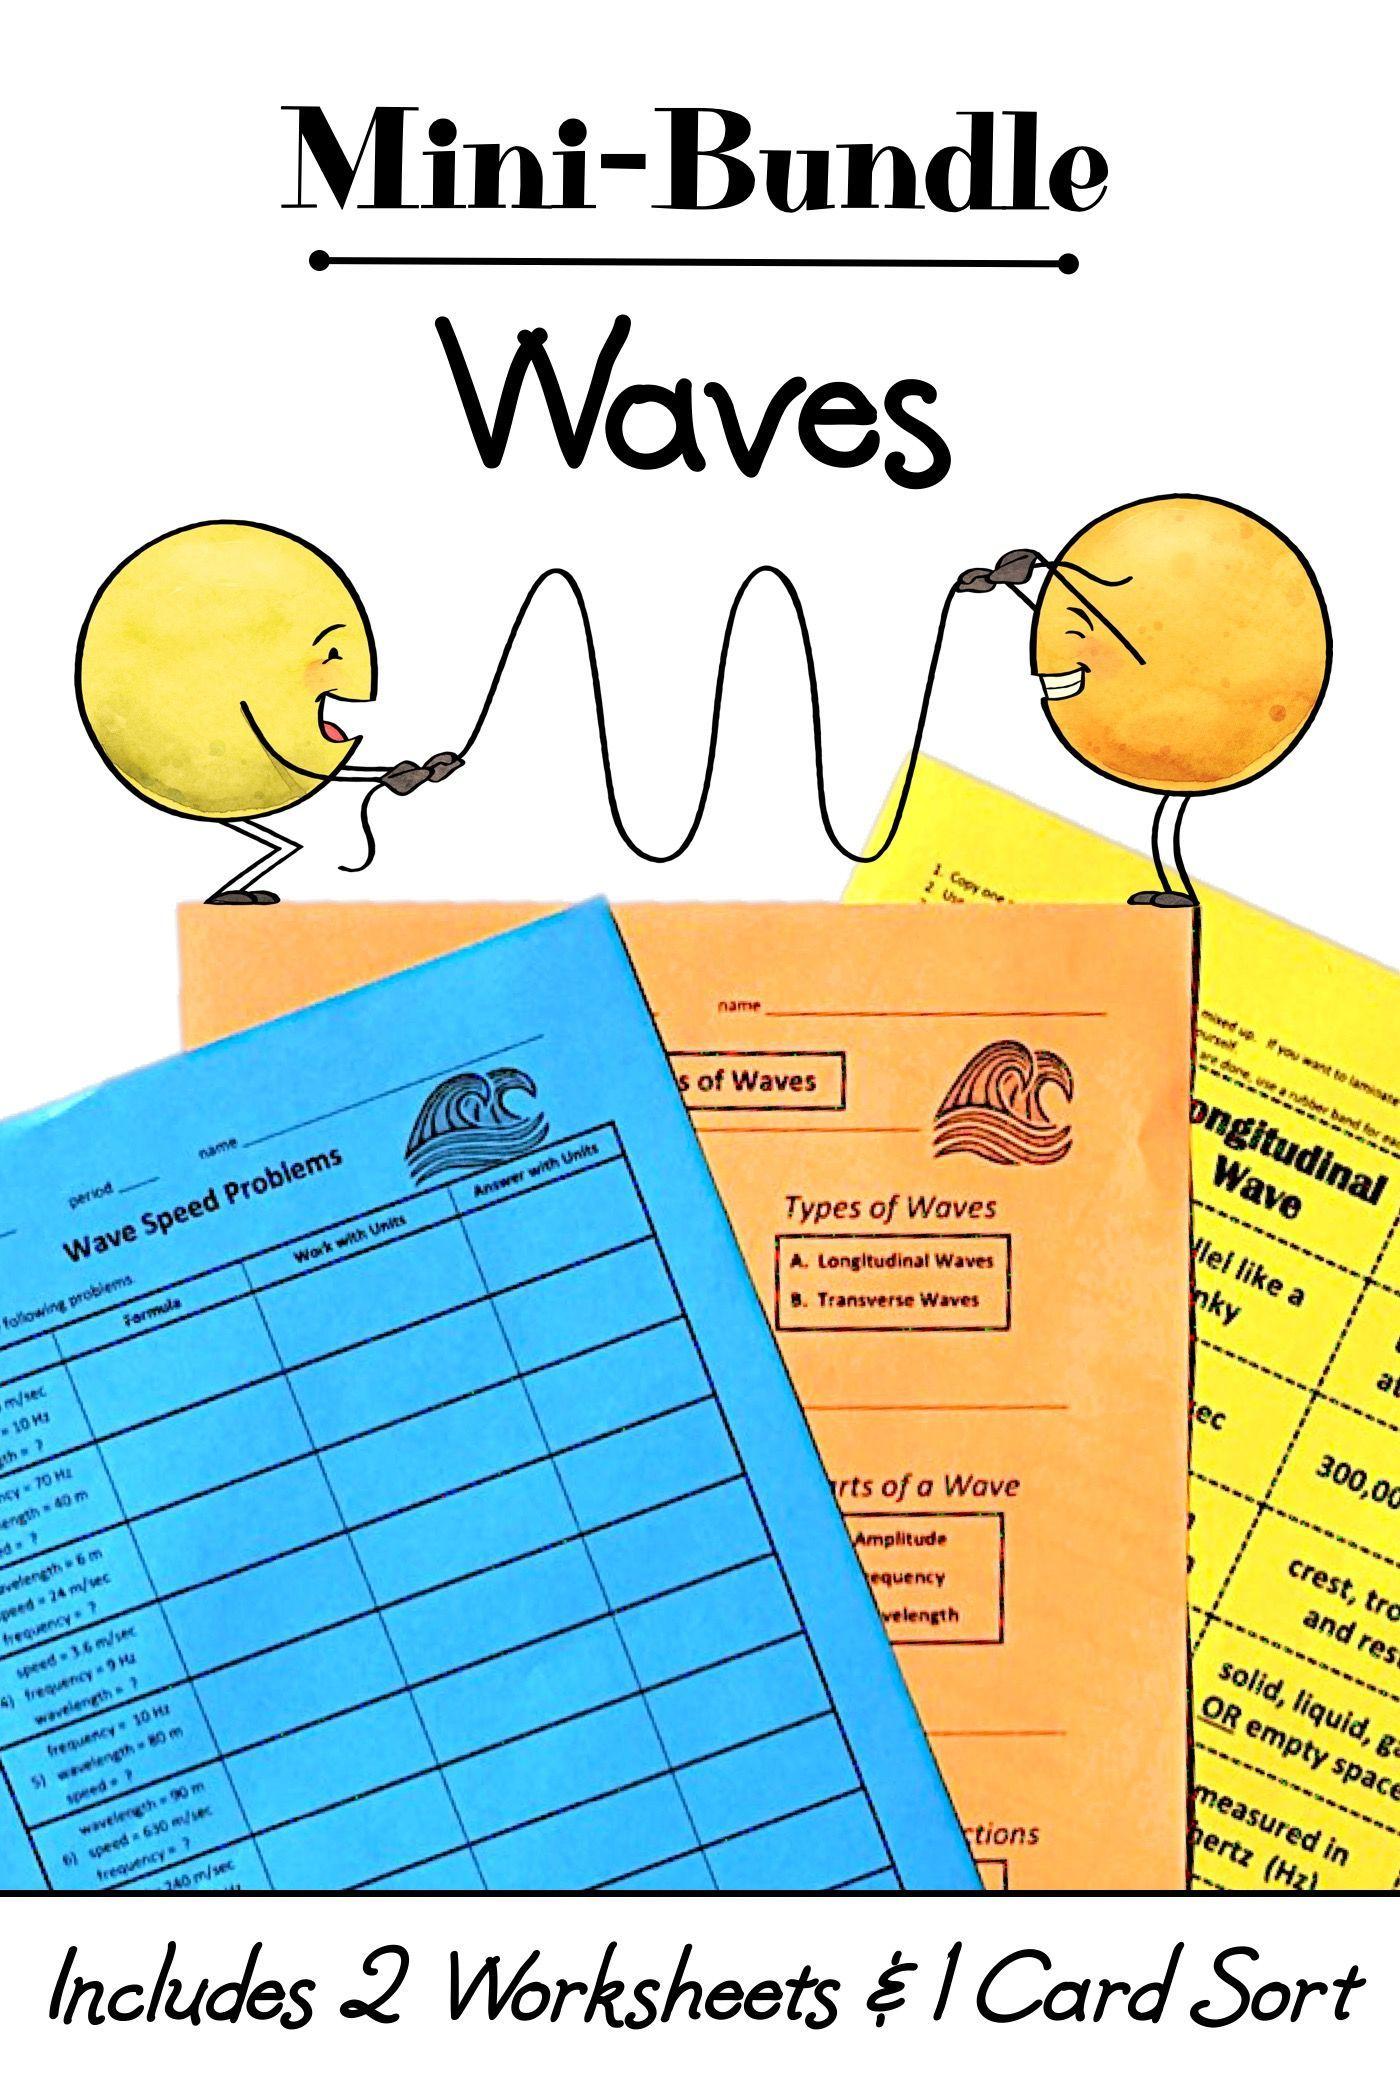 Waves Mini-Bundle - Card Sort + 2 Worksheet Activities   Free science  worksheets [ 2100 x 1400 Pixel ]